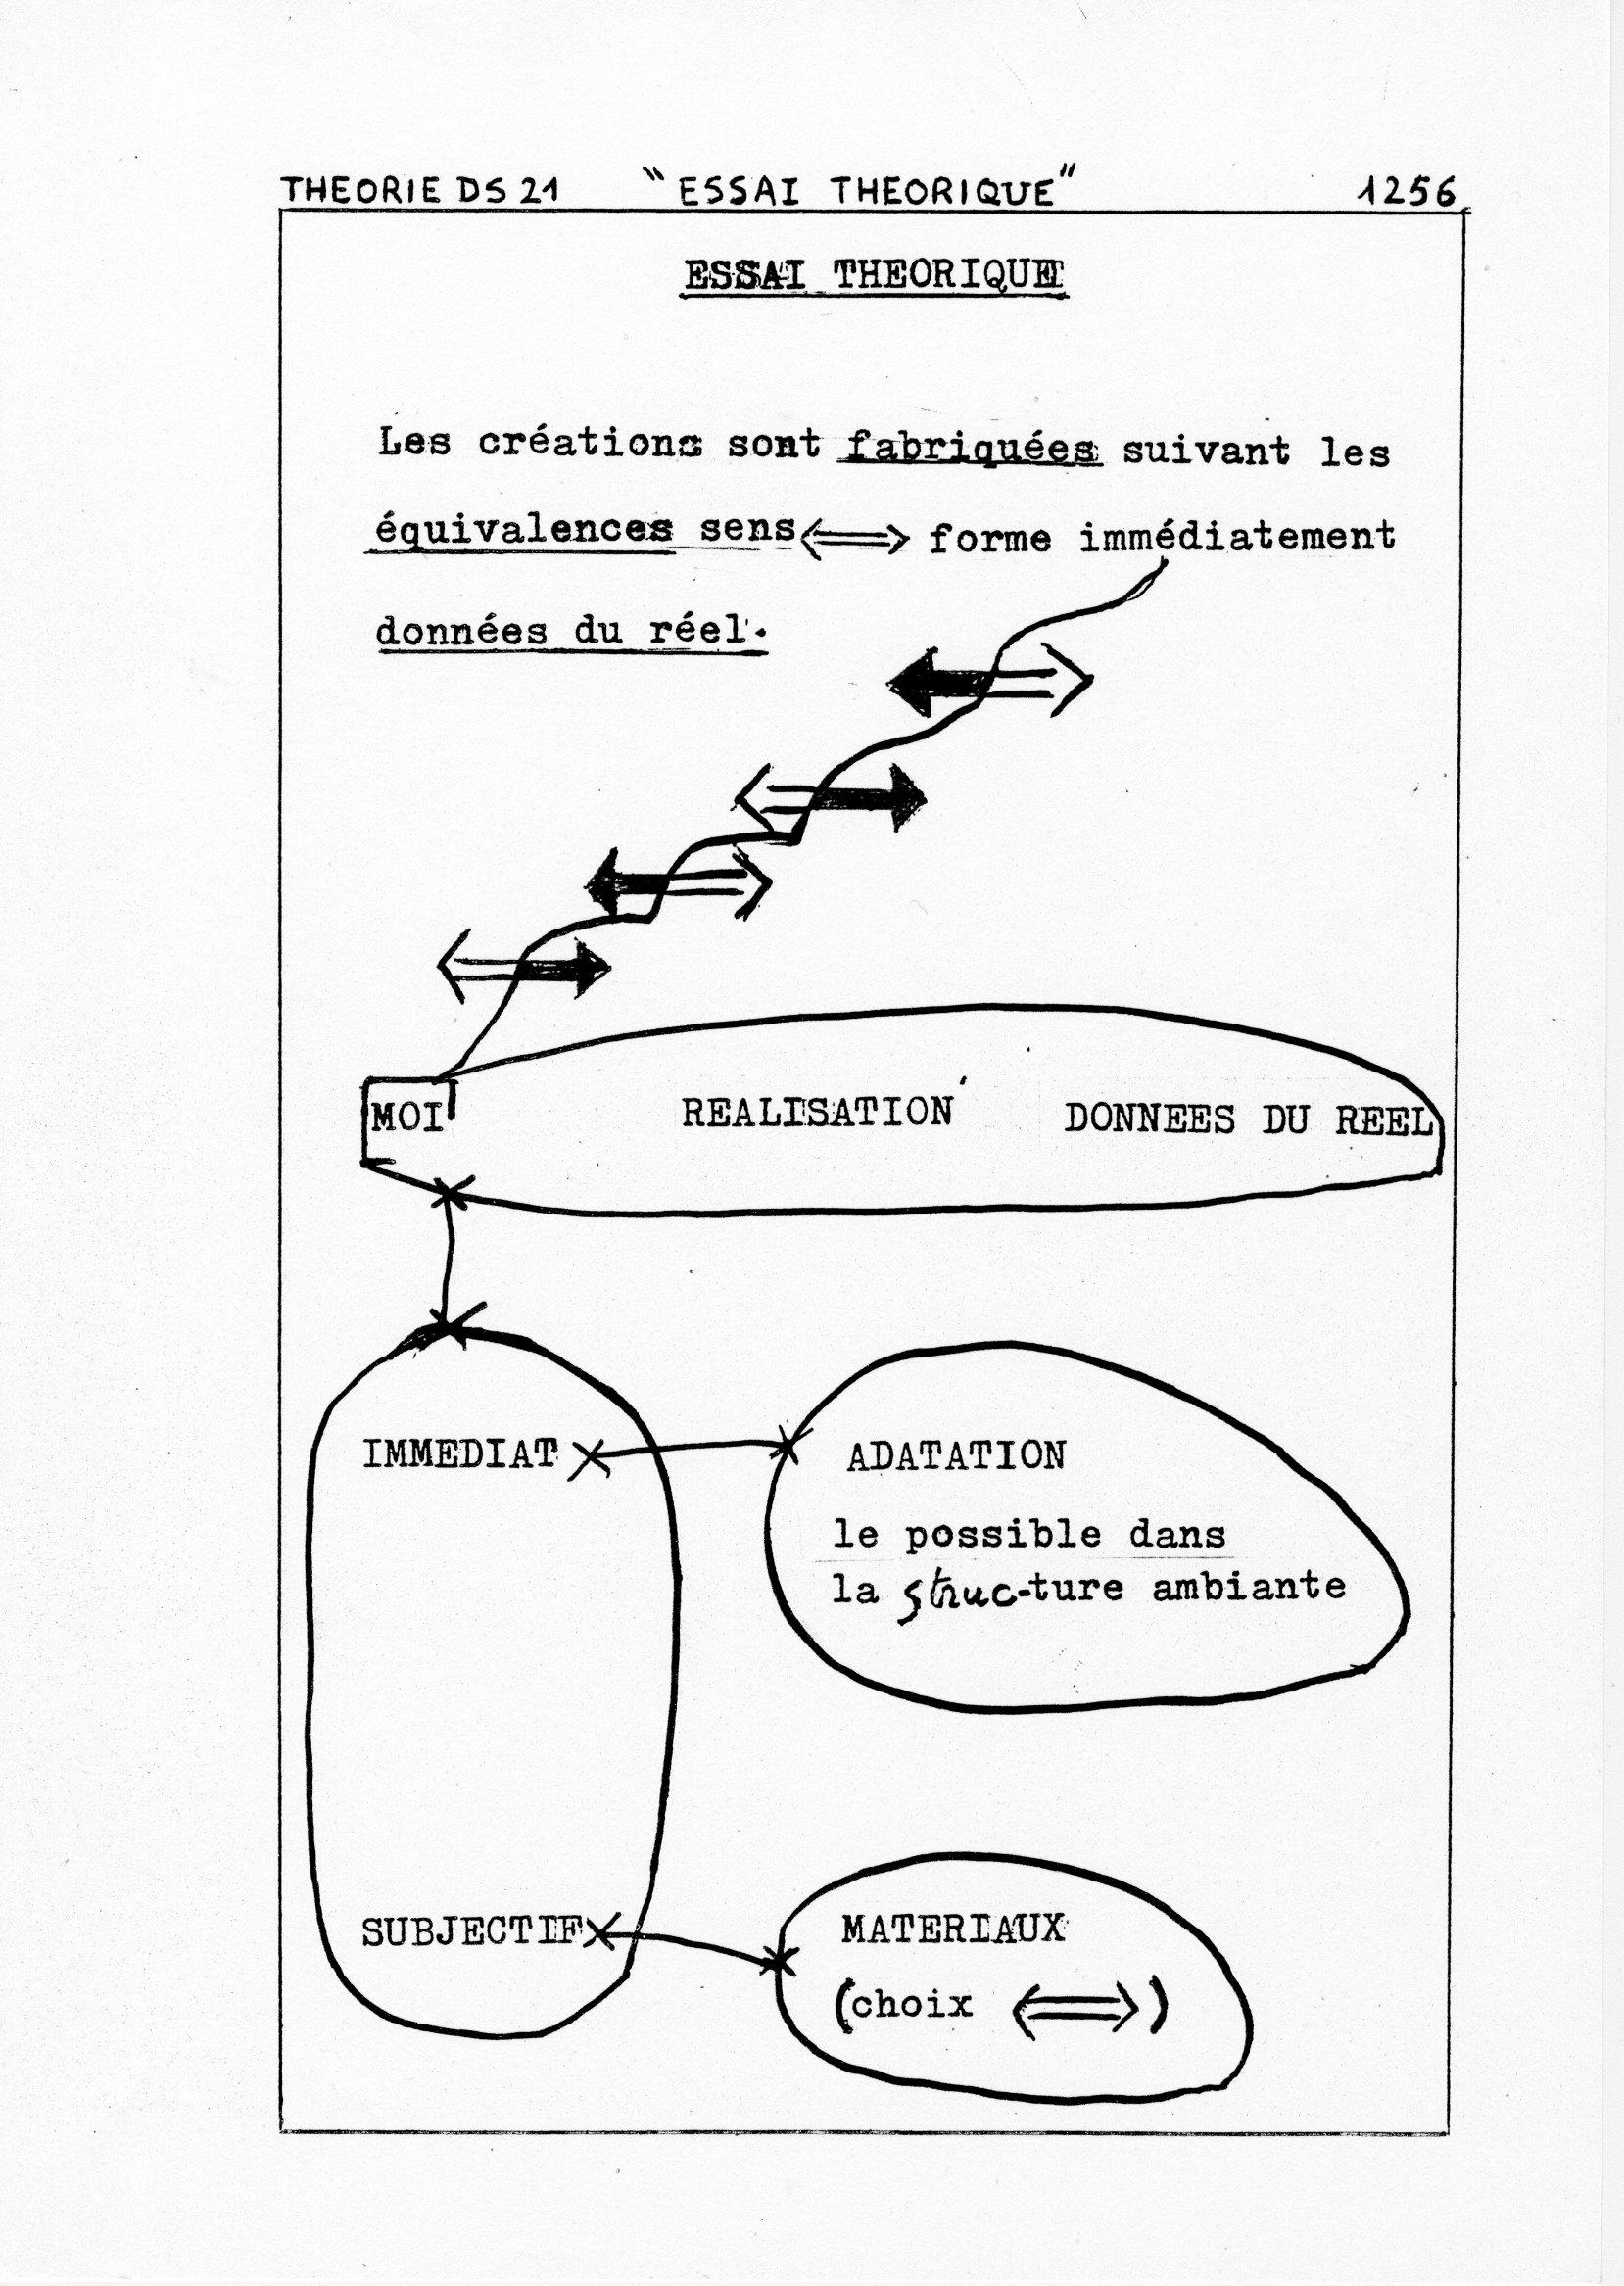 page 1256 Théorie D.S. 21 ESSAI THEORIQUE